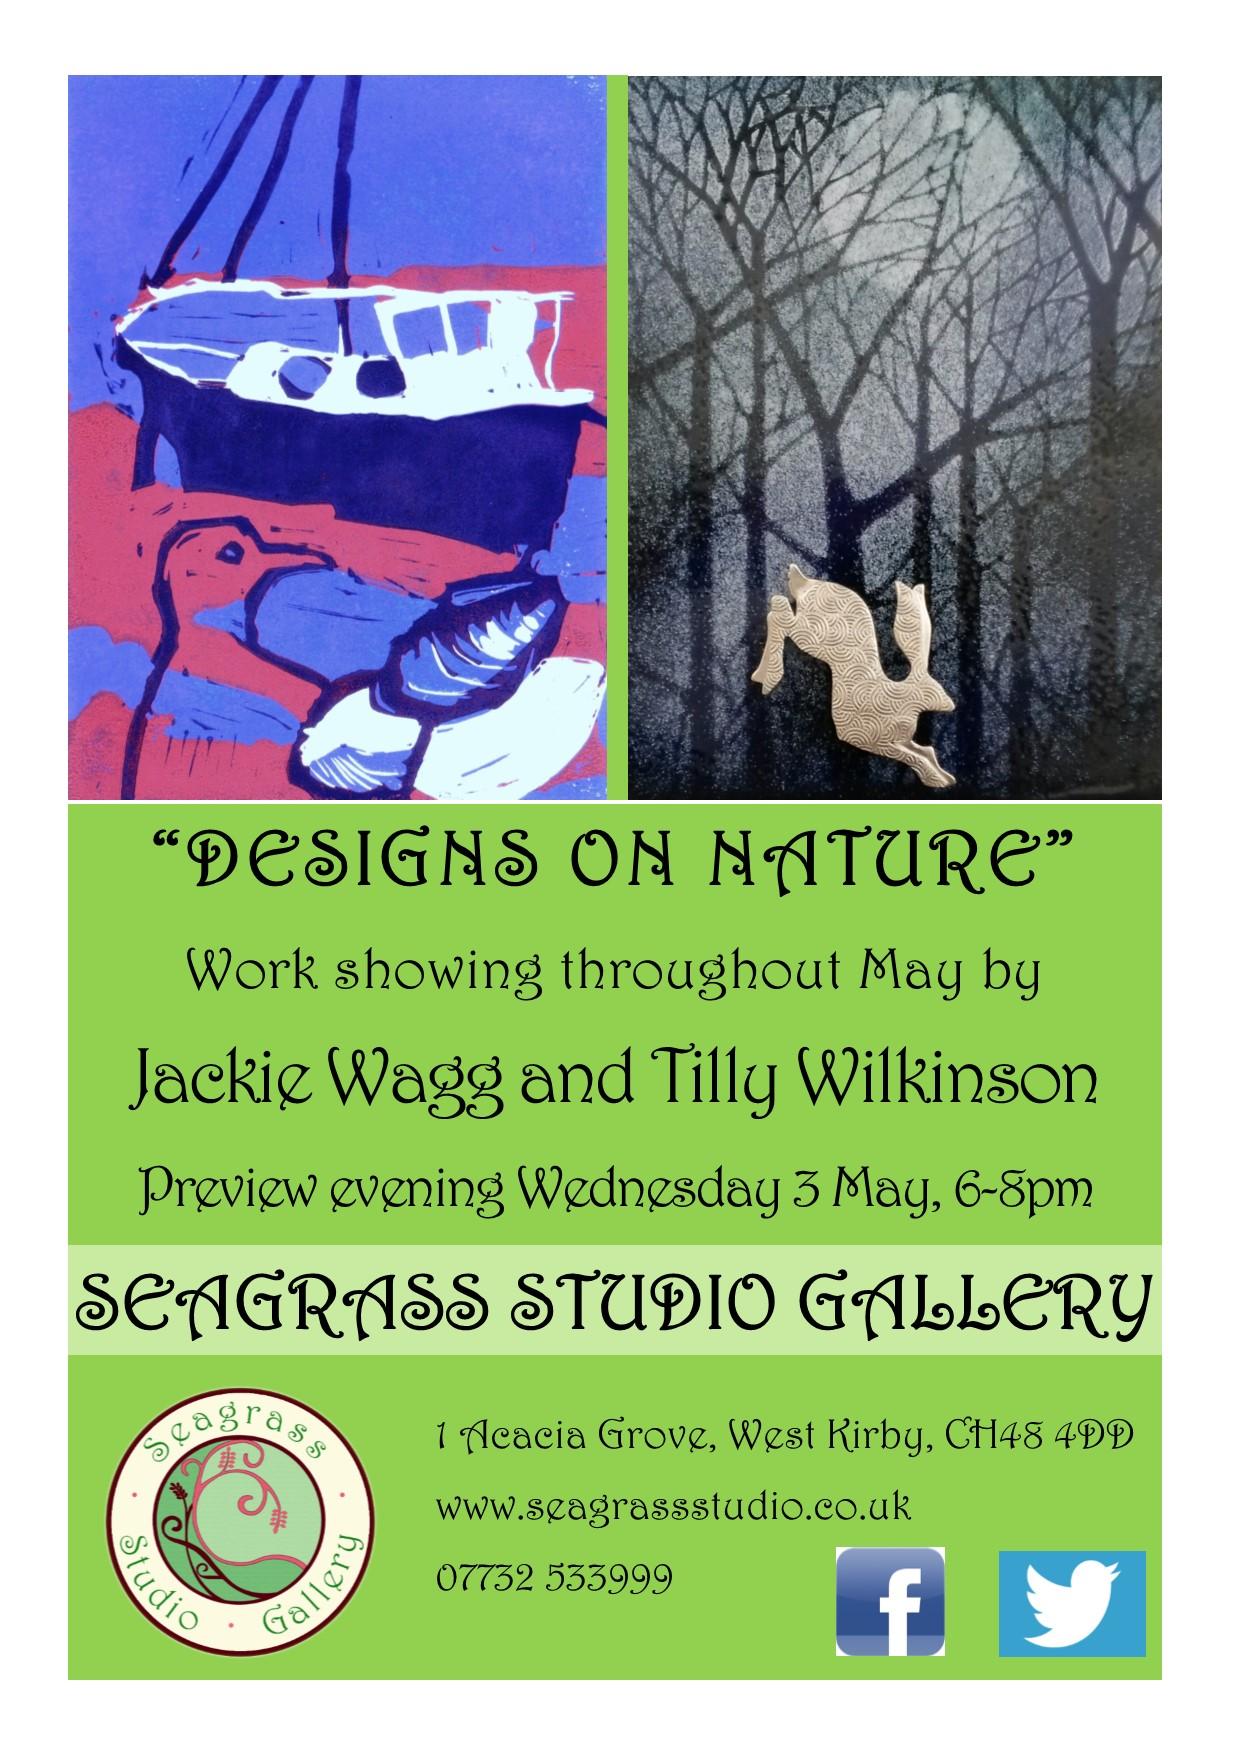 Seagrass Studio: Designs on Nature